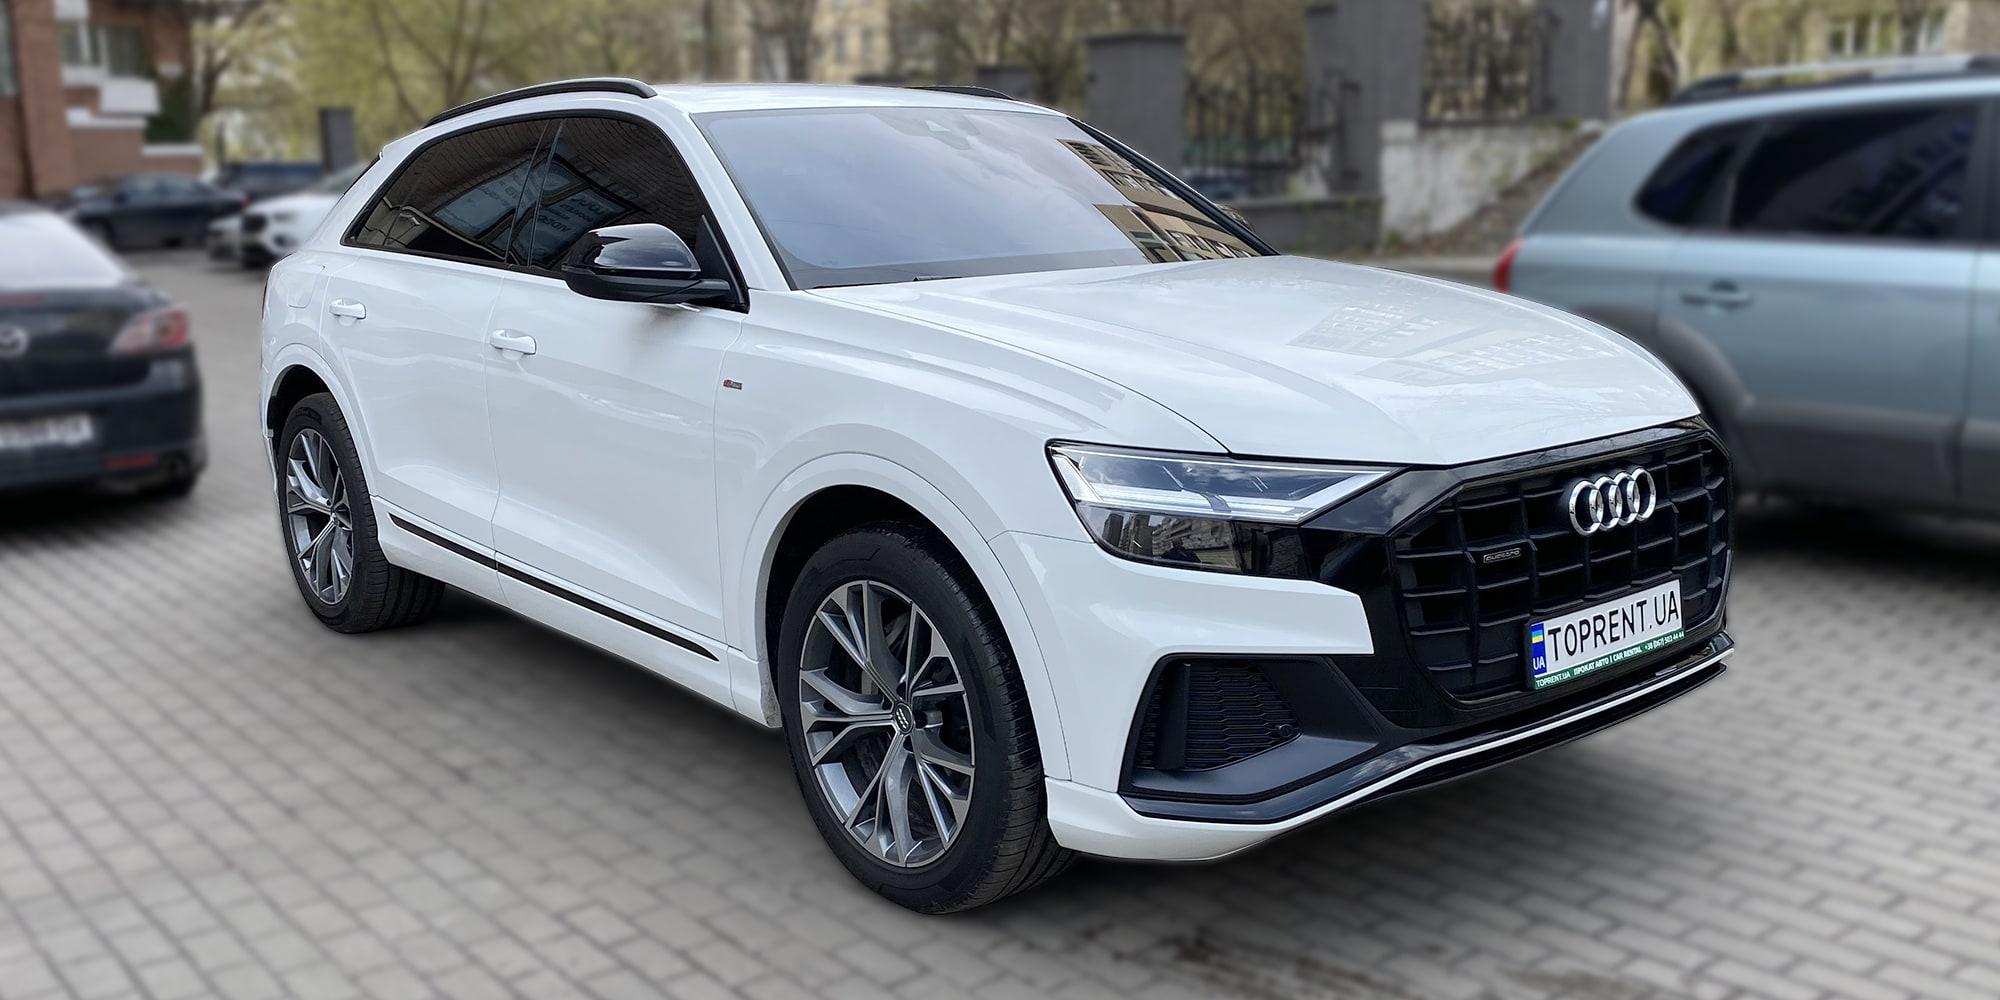 Audi-q8-quattro-TopRent.UA - 1